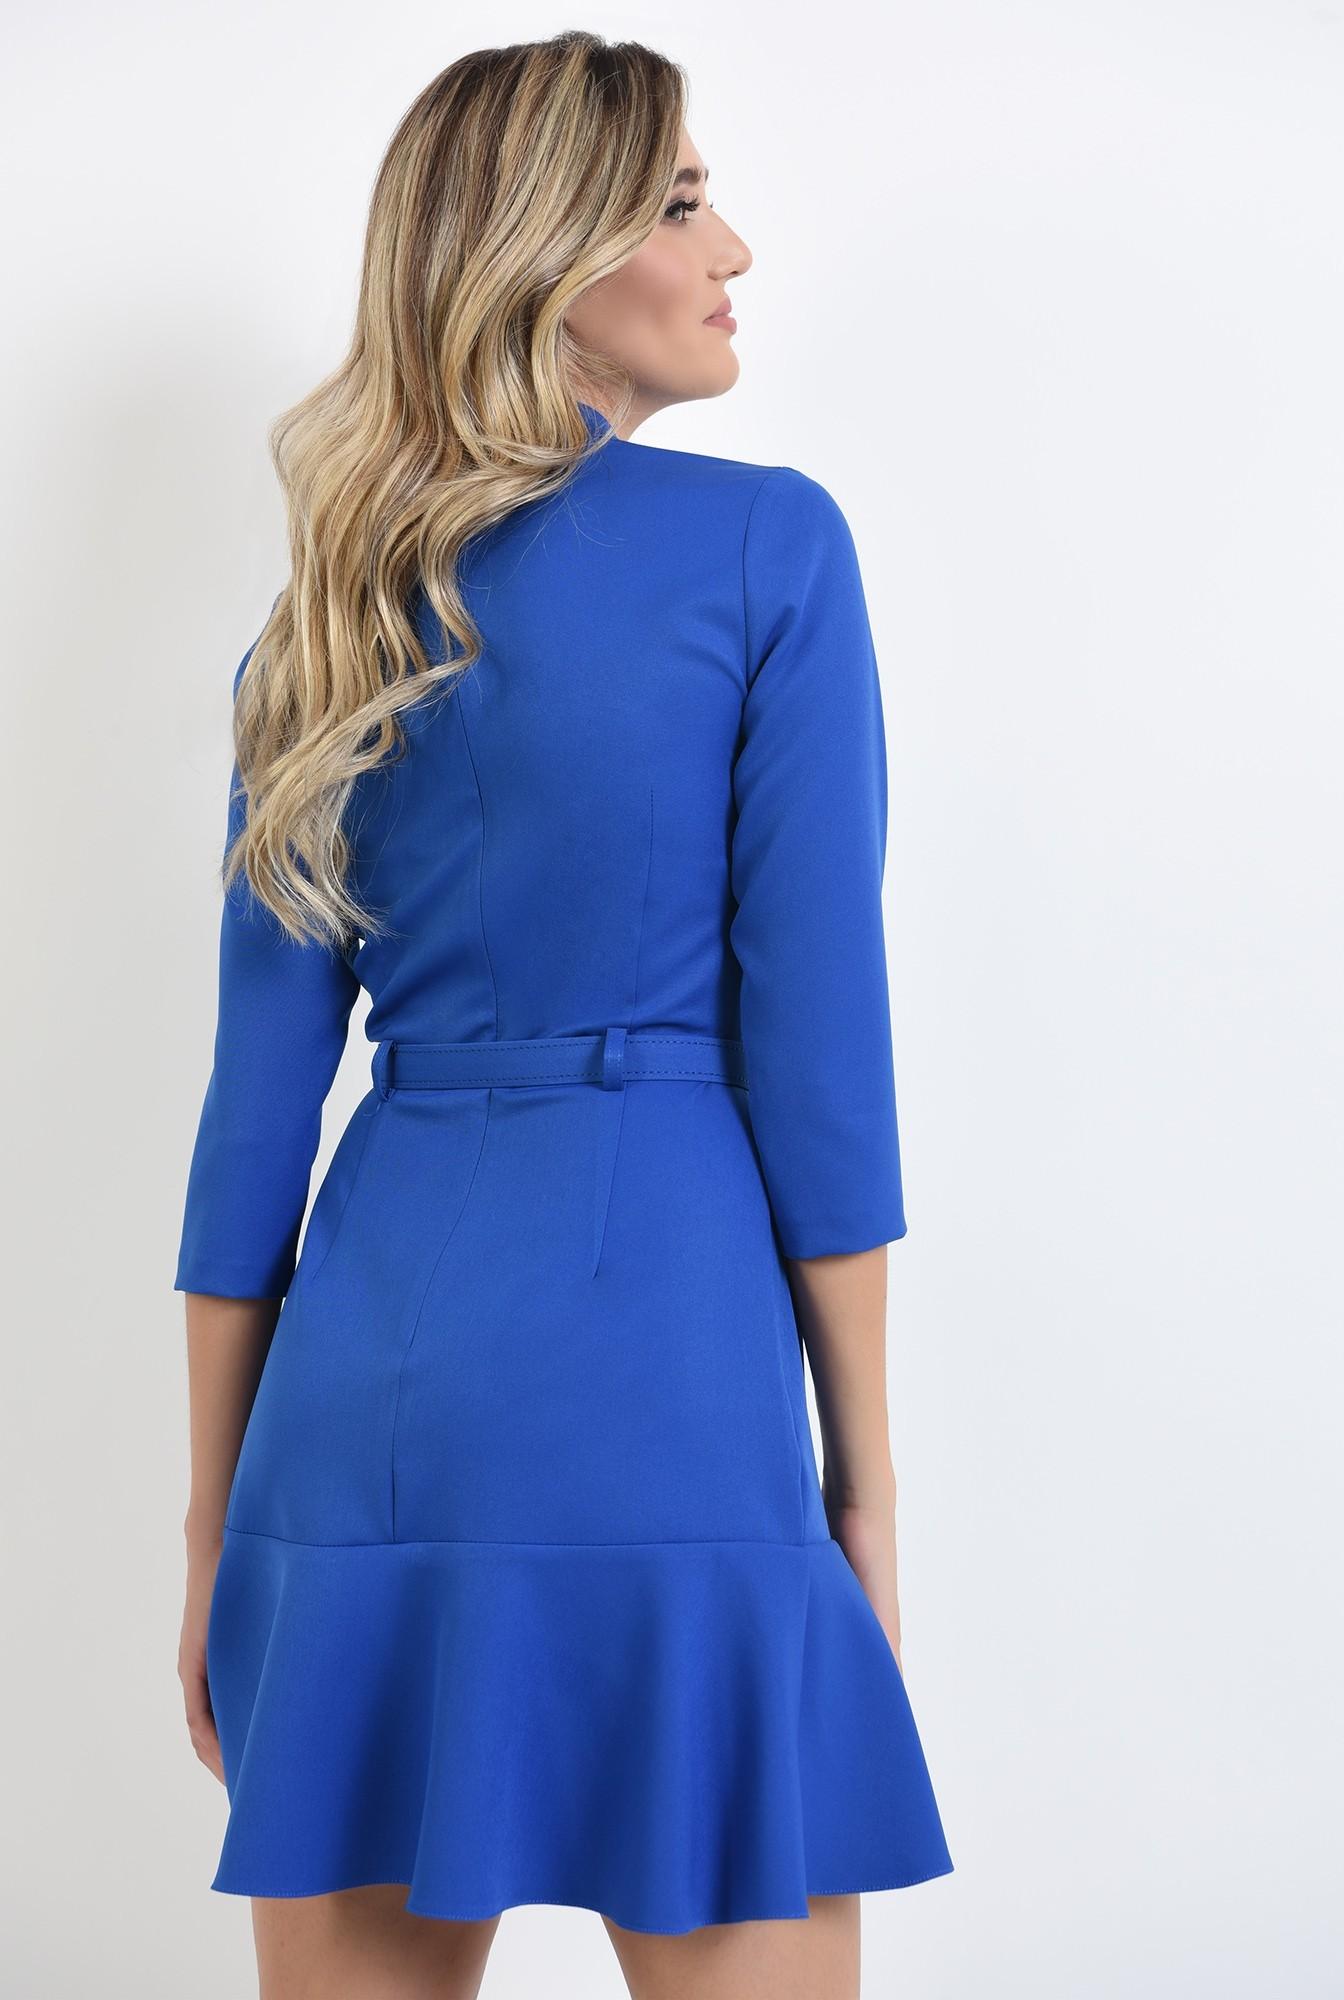 1 - 360 - rochie mini, albastra, cu volan, cu guler inalt